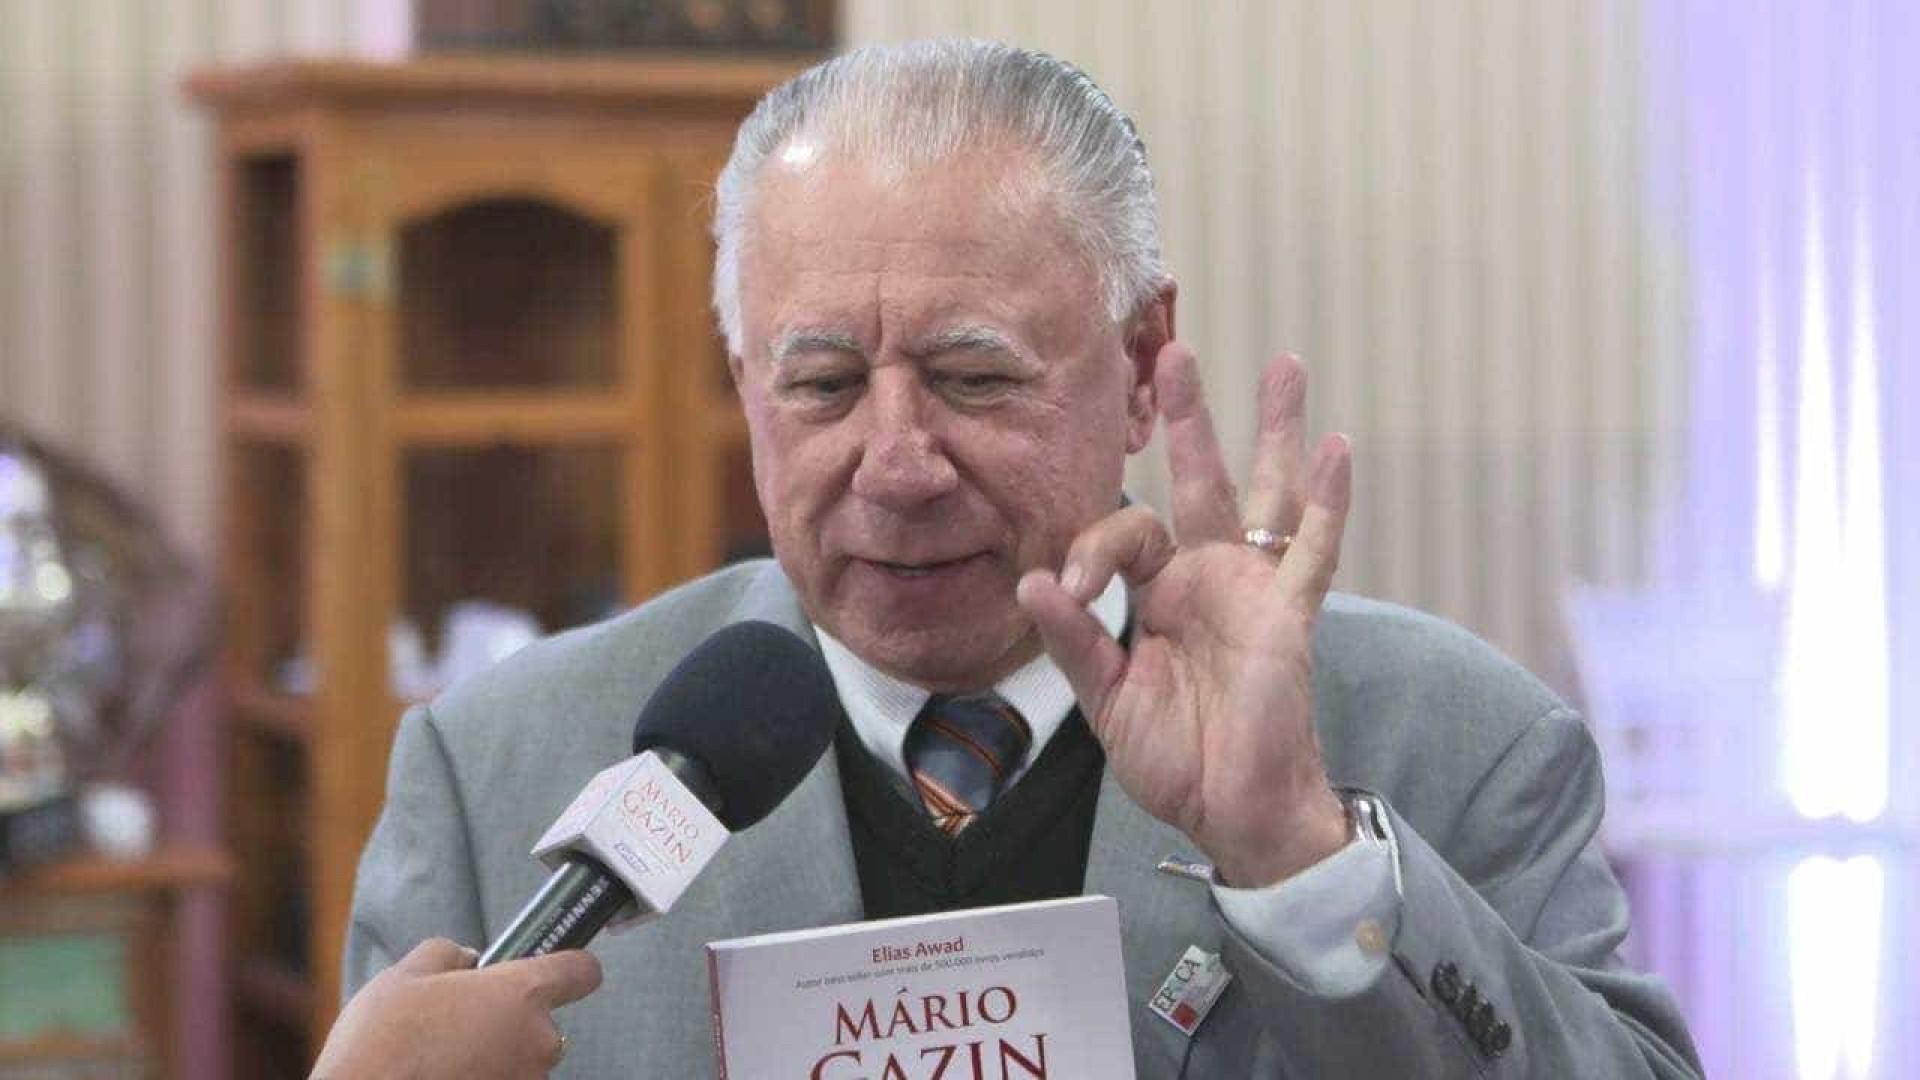 Vídeo: empresário pede vitória de Bolsonaro para 'não gastar mais'